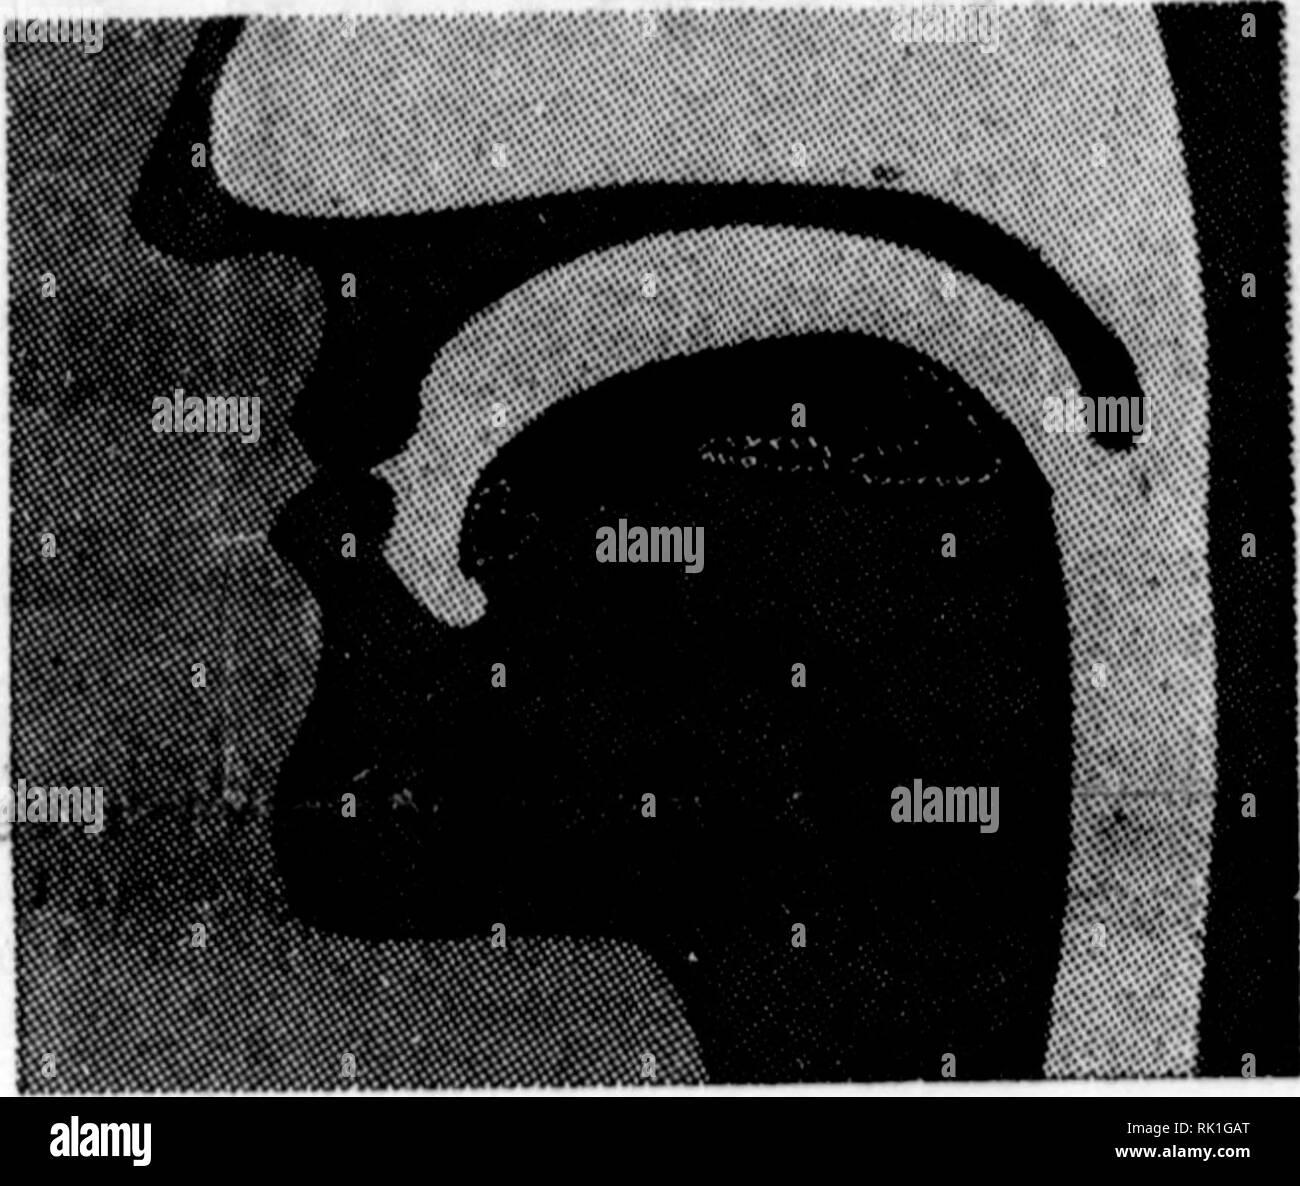 bilaterale brust knospen